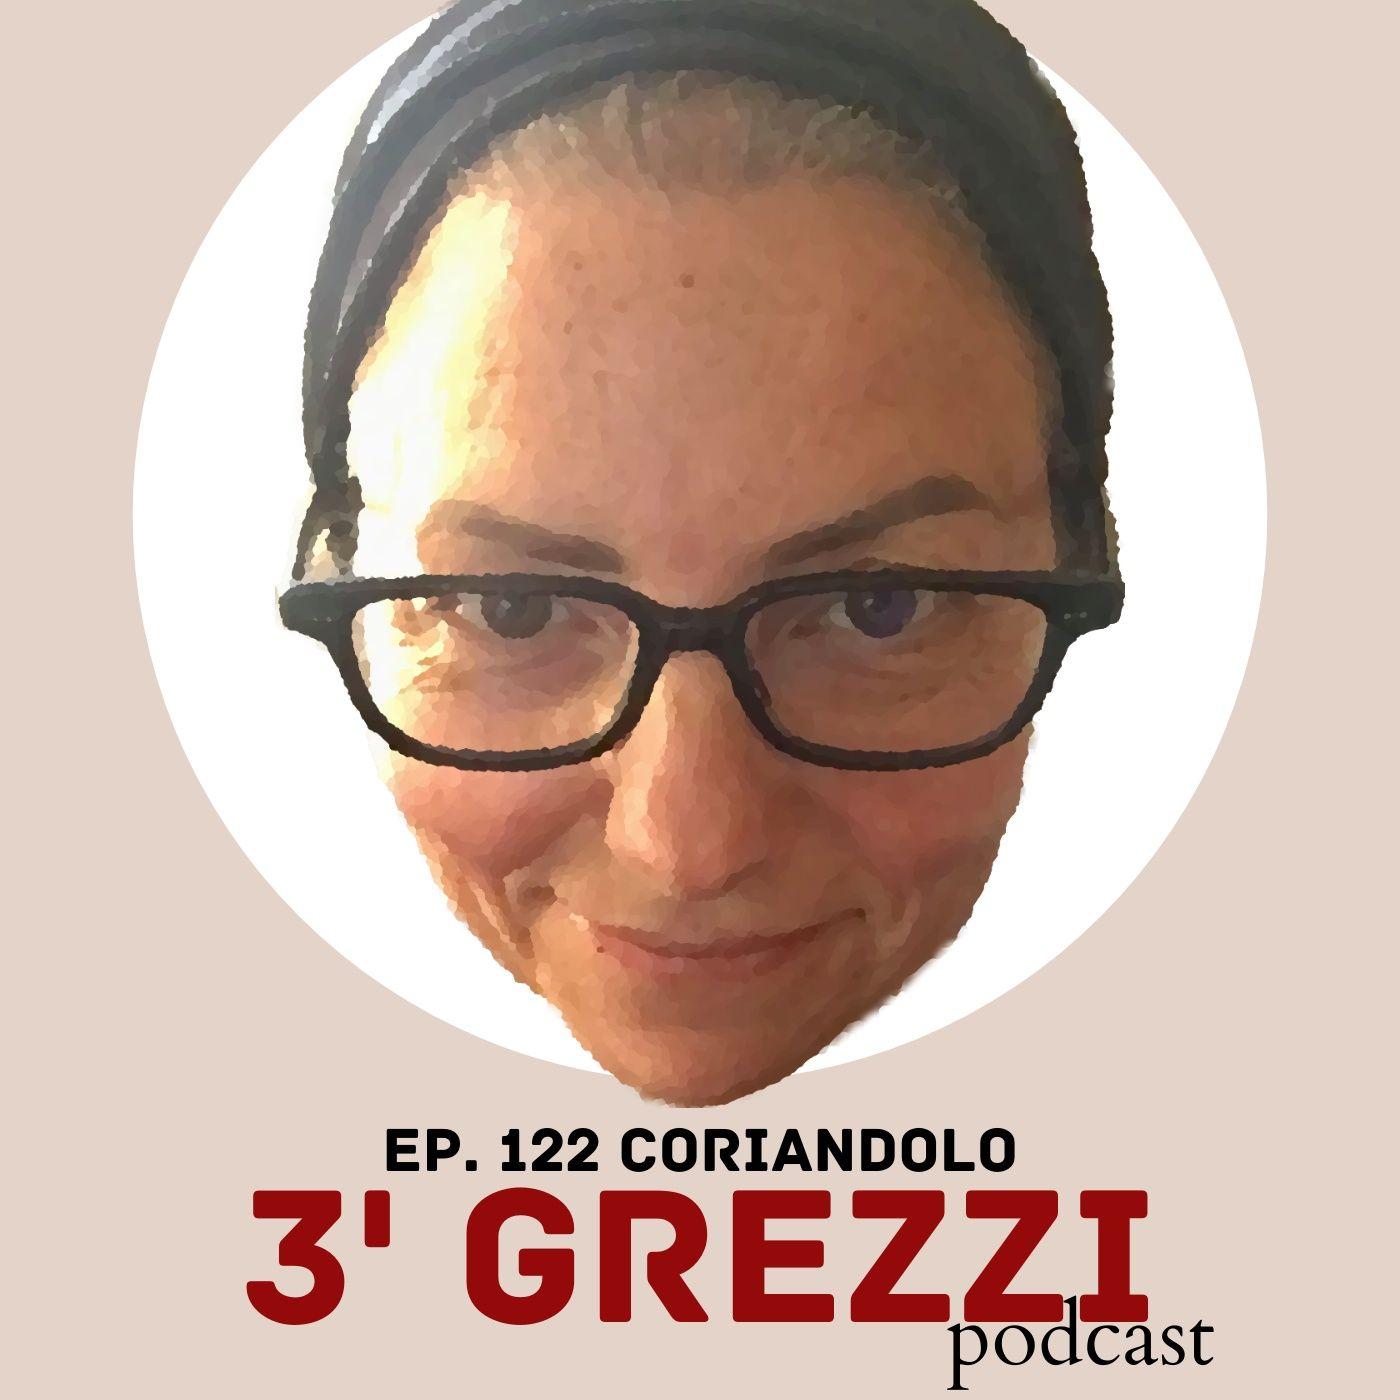 3' grezzi Ep. 122 Coriandolo